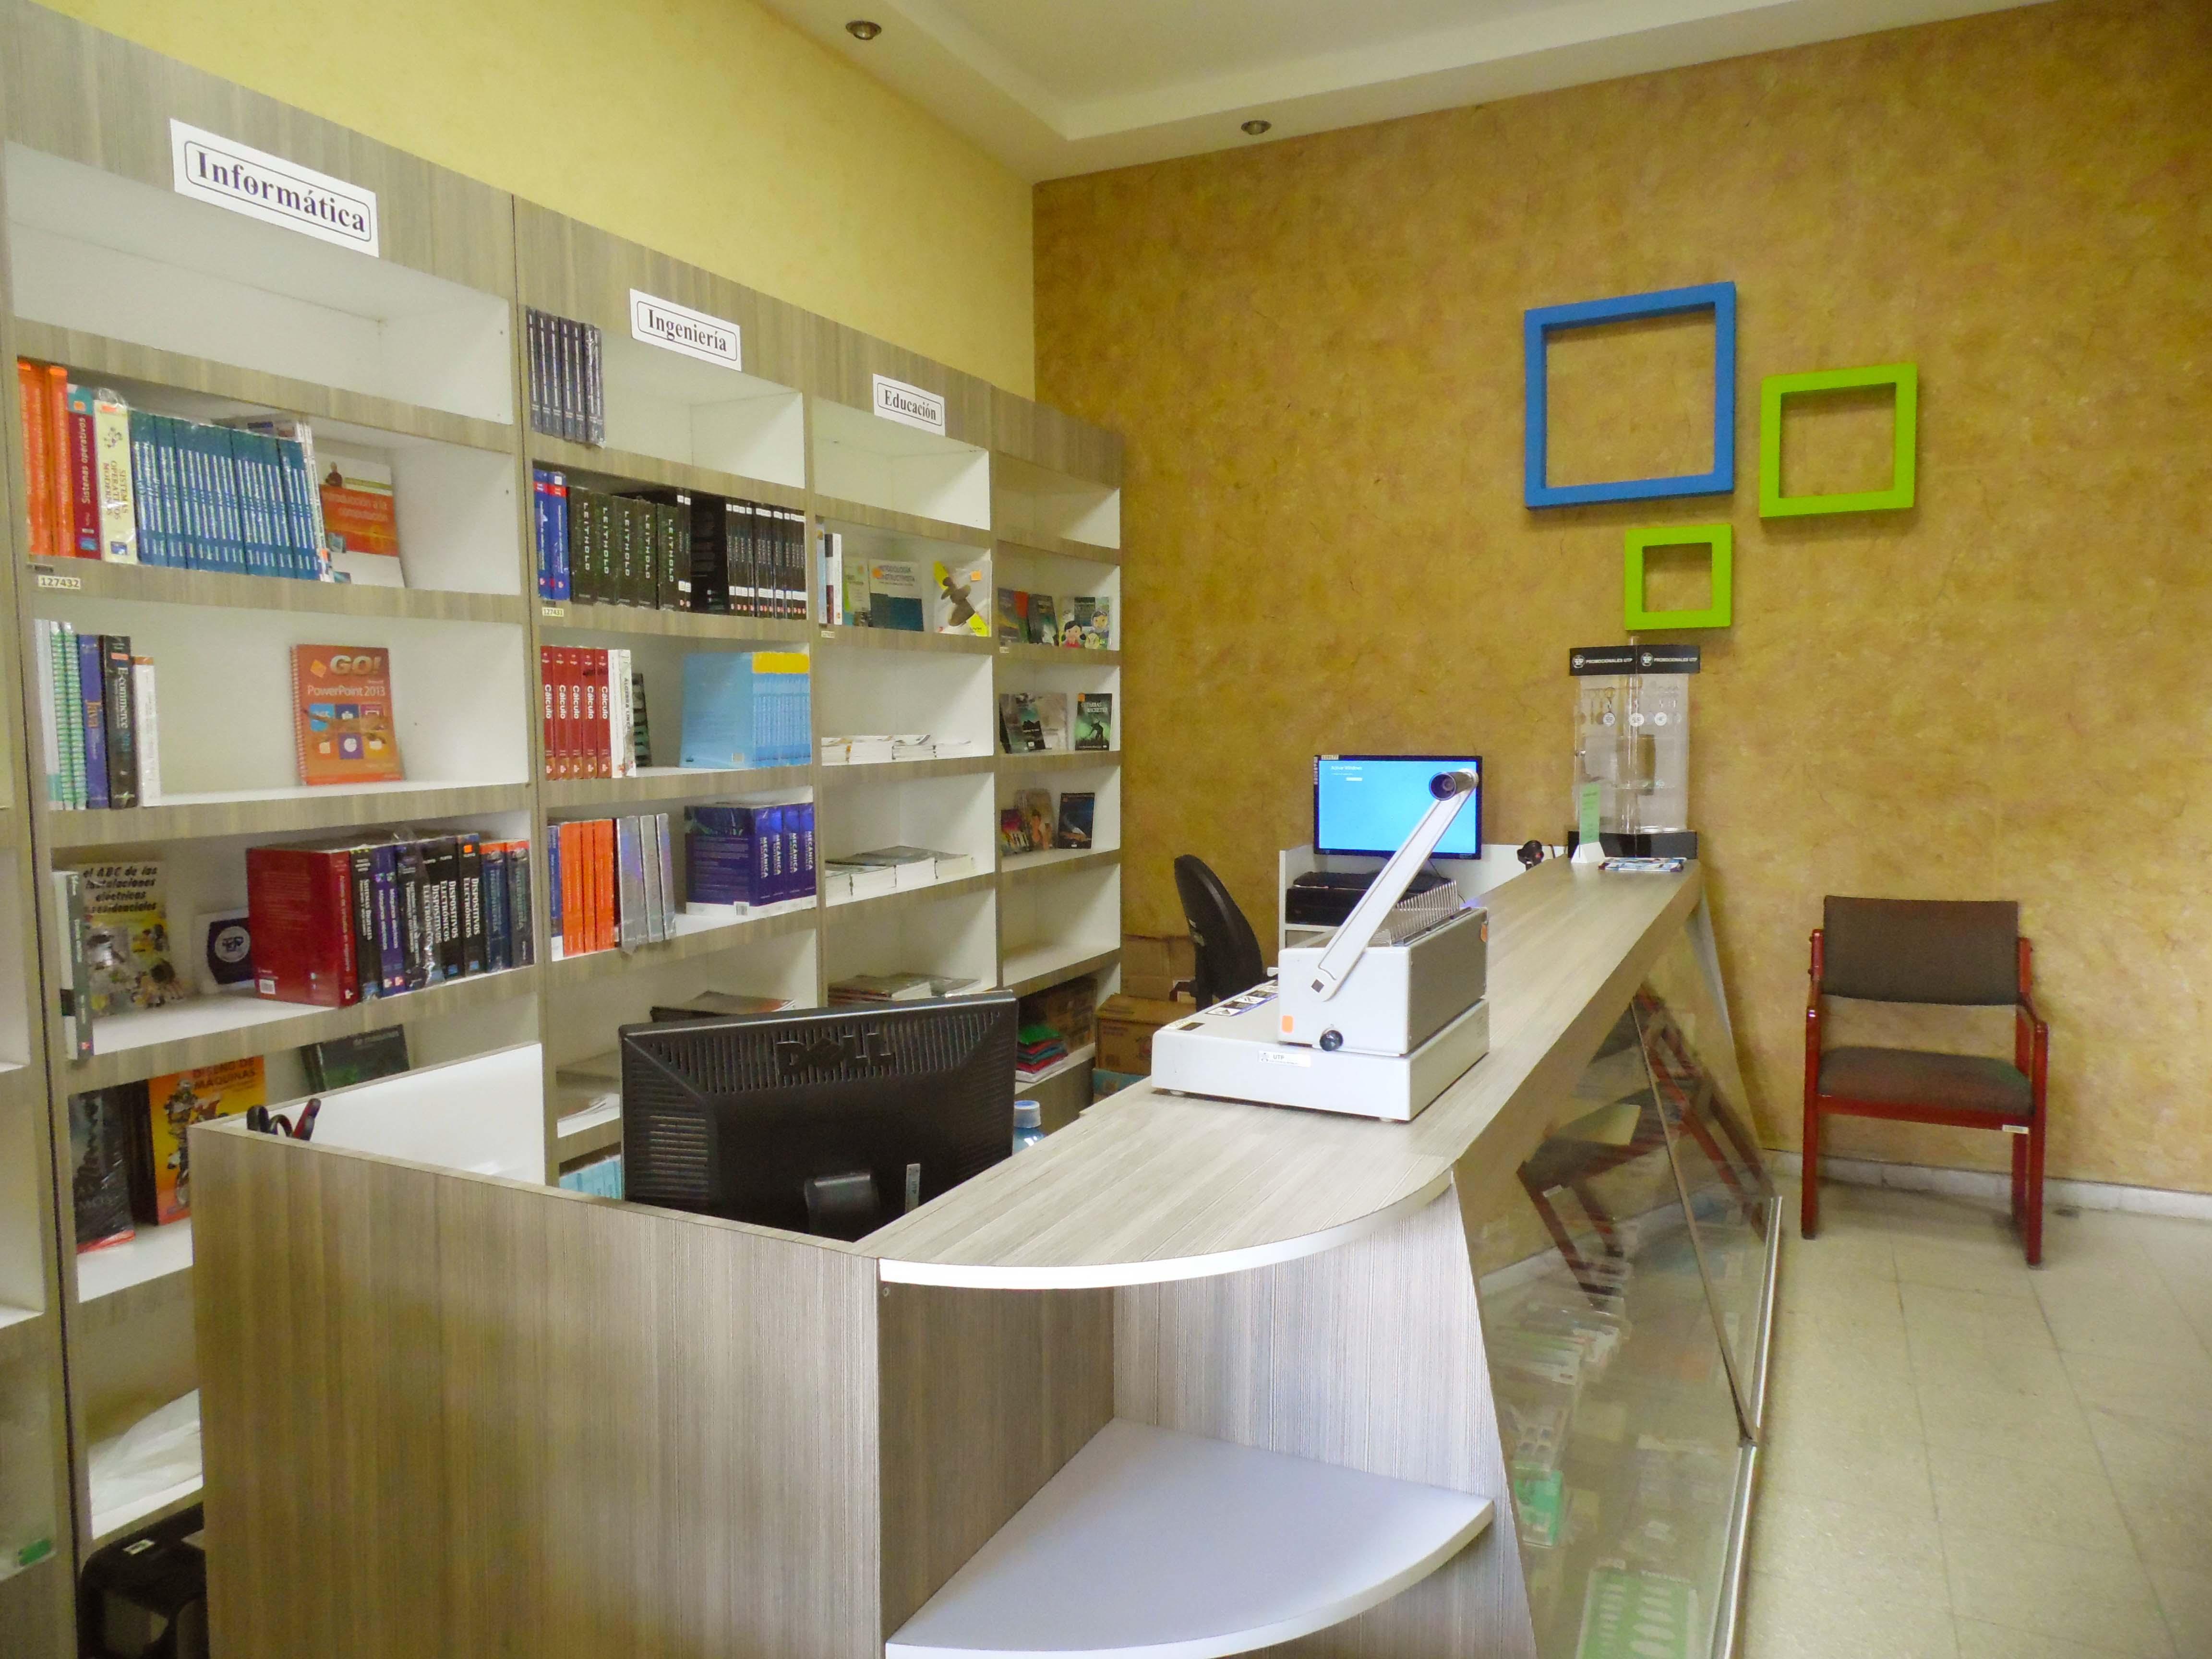 libreria universidad tecnologica de panama centro regional de cocle